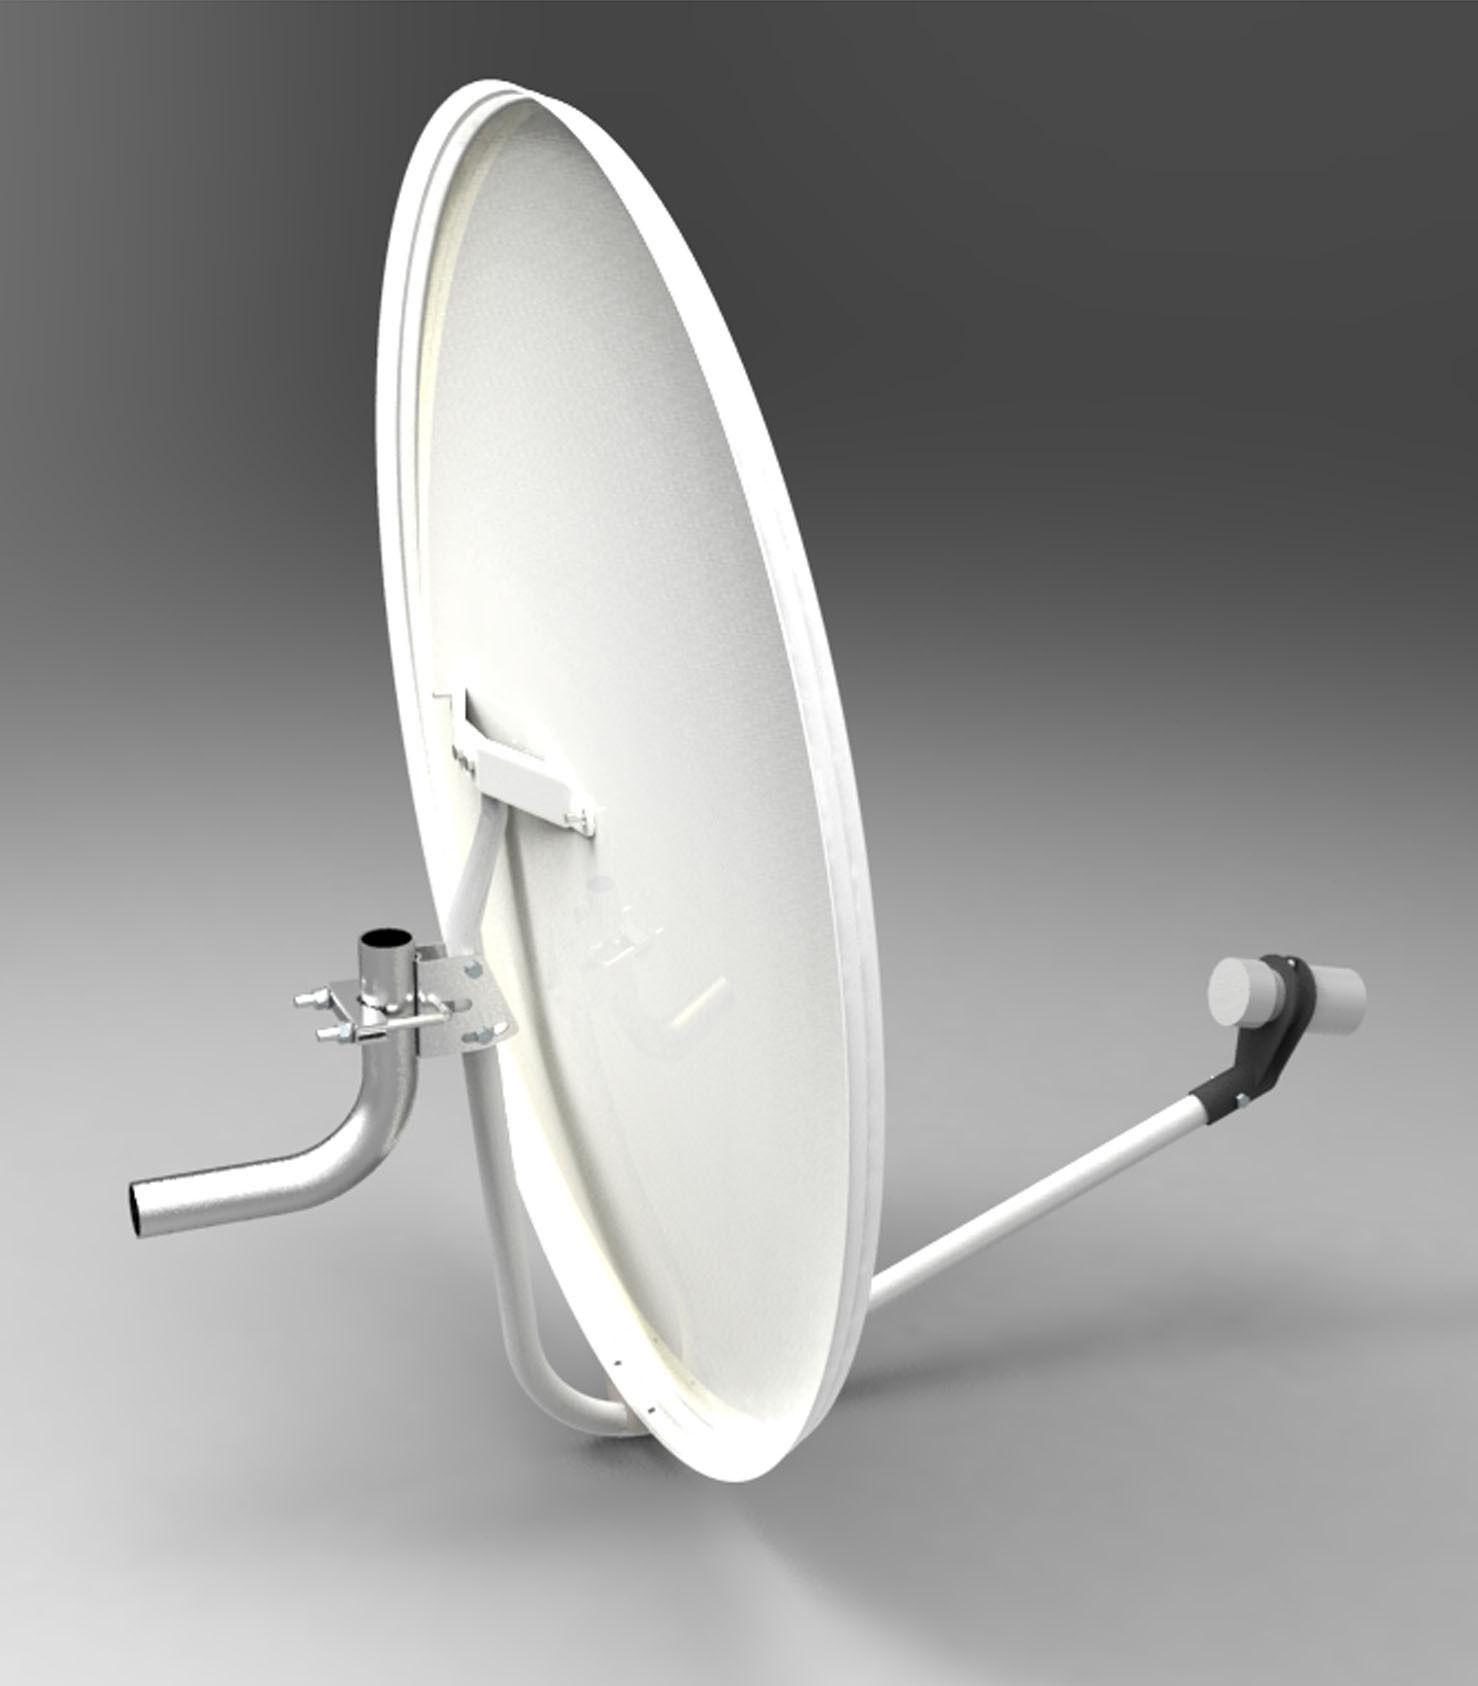 3d model satellite antenna or dish cgtrader